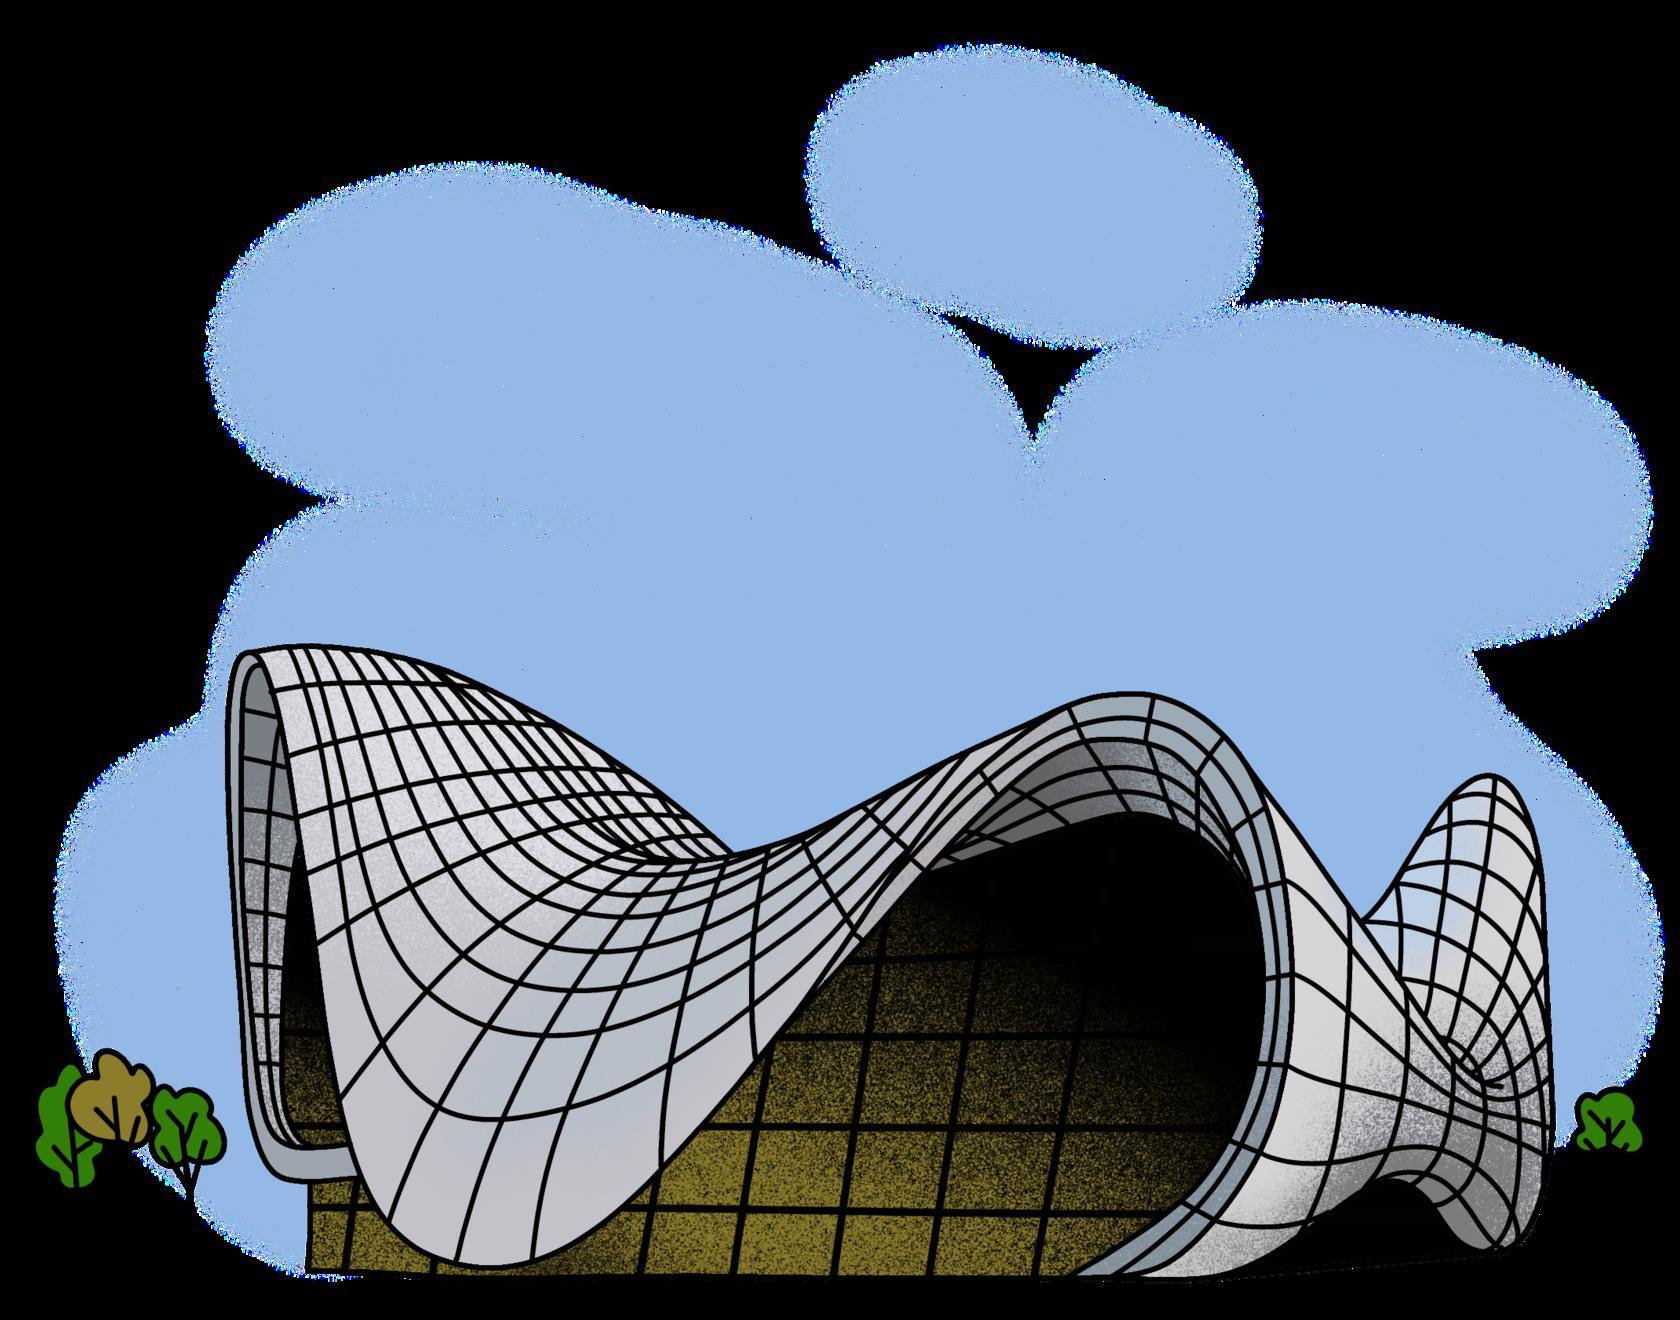 курсы рисунка архитектуры онлайн